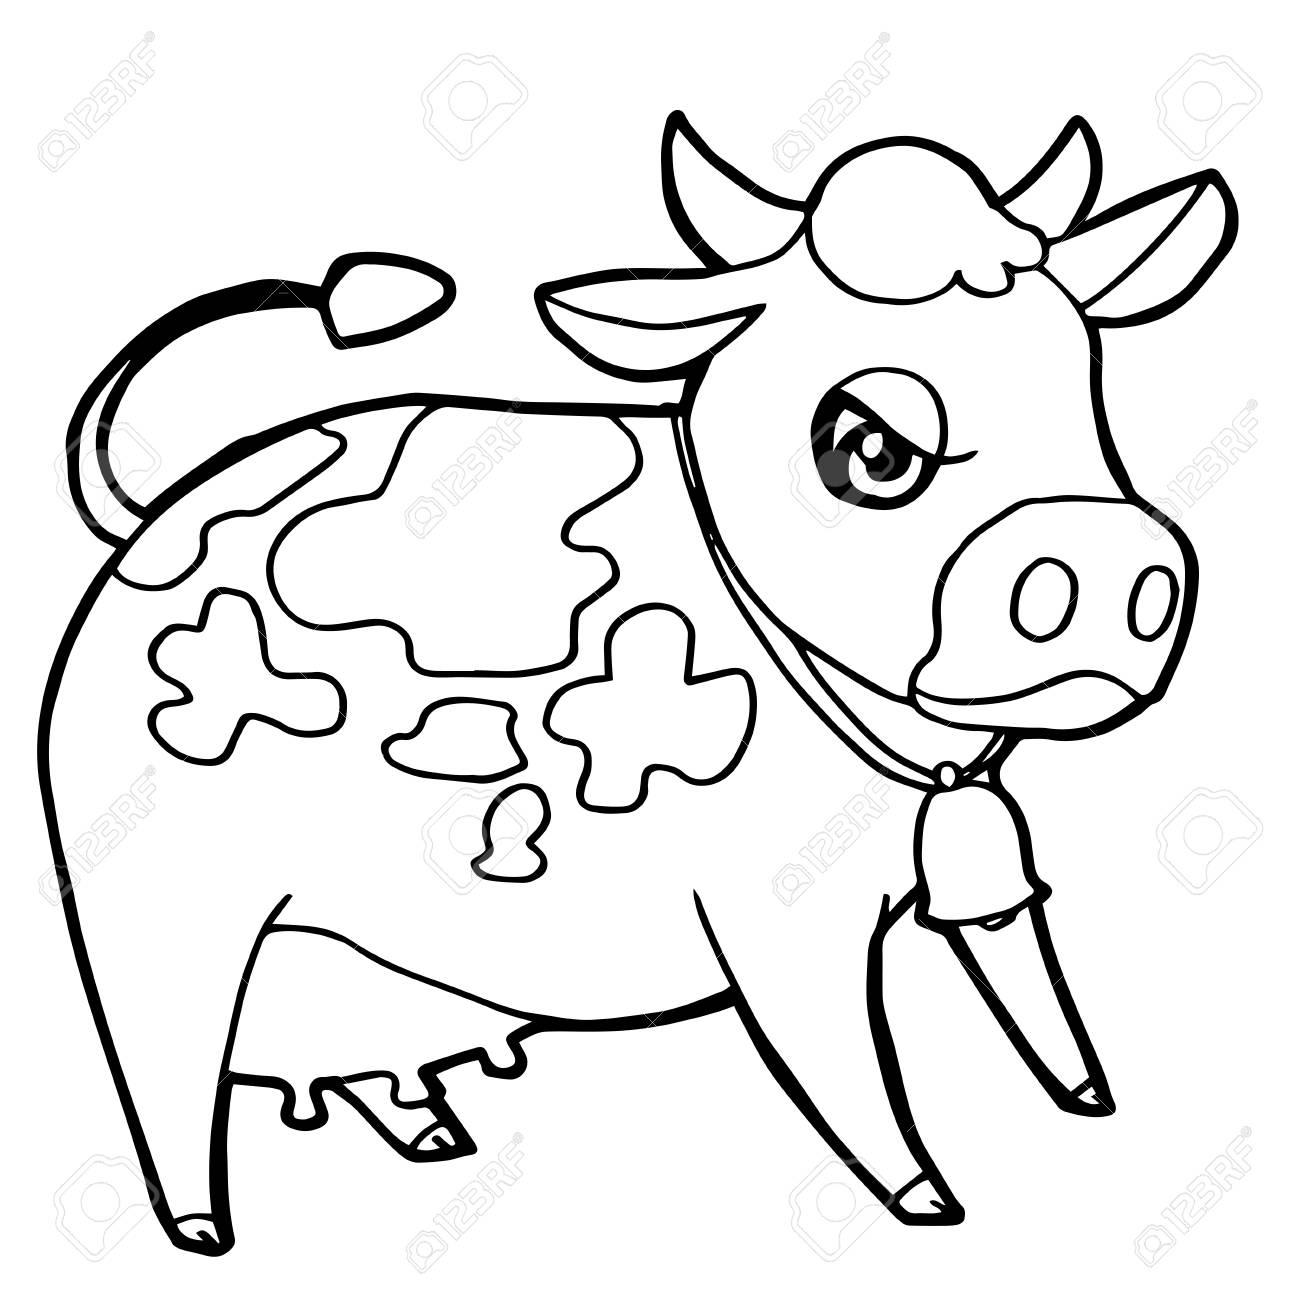 Dibujos Animados Lindo Ganado O Vaca Para Colorear Página